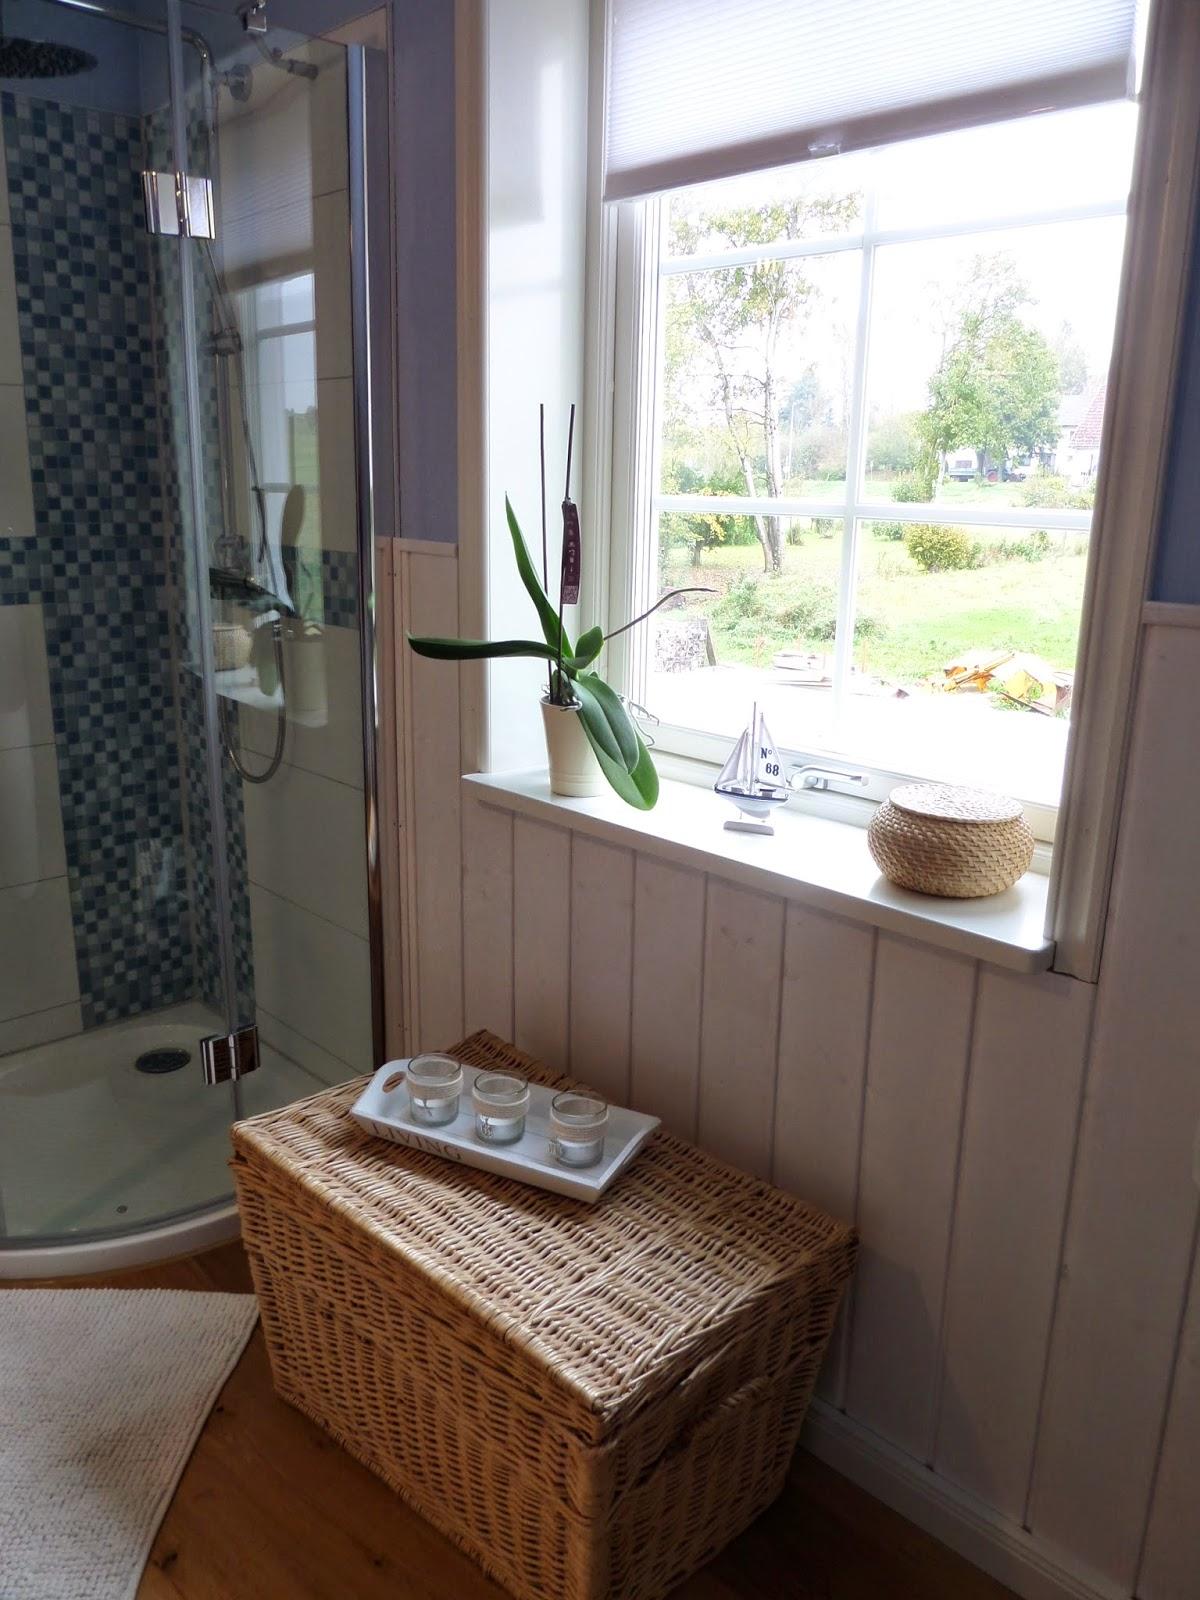 kleine lotta unser schwedenhaus badezimmer und noch mehr. Black Bedroom Furniture Sets. Home Design Ideas